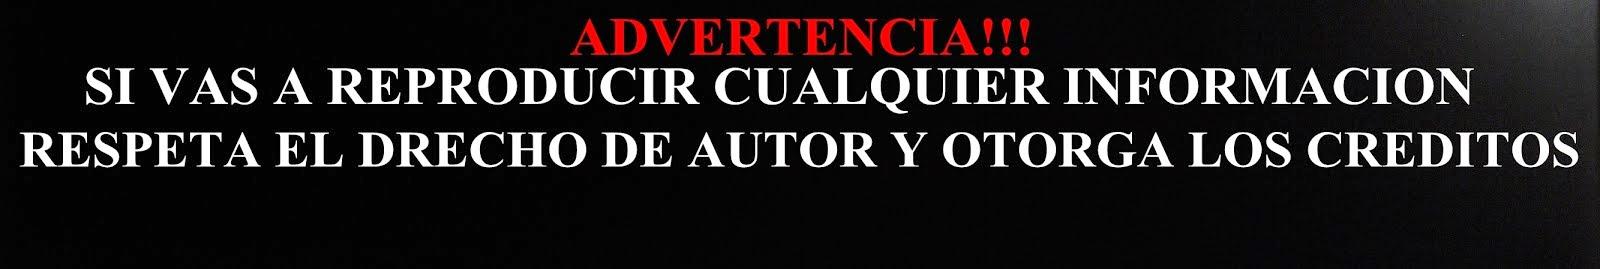 www.hablandoclaro.net